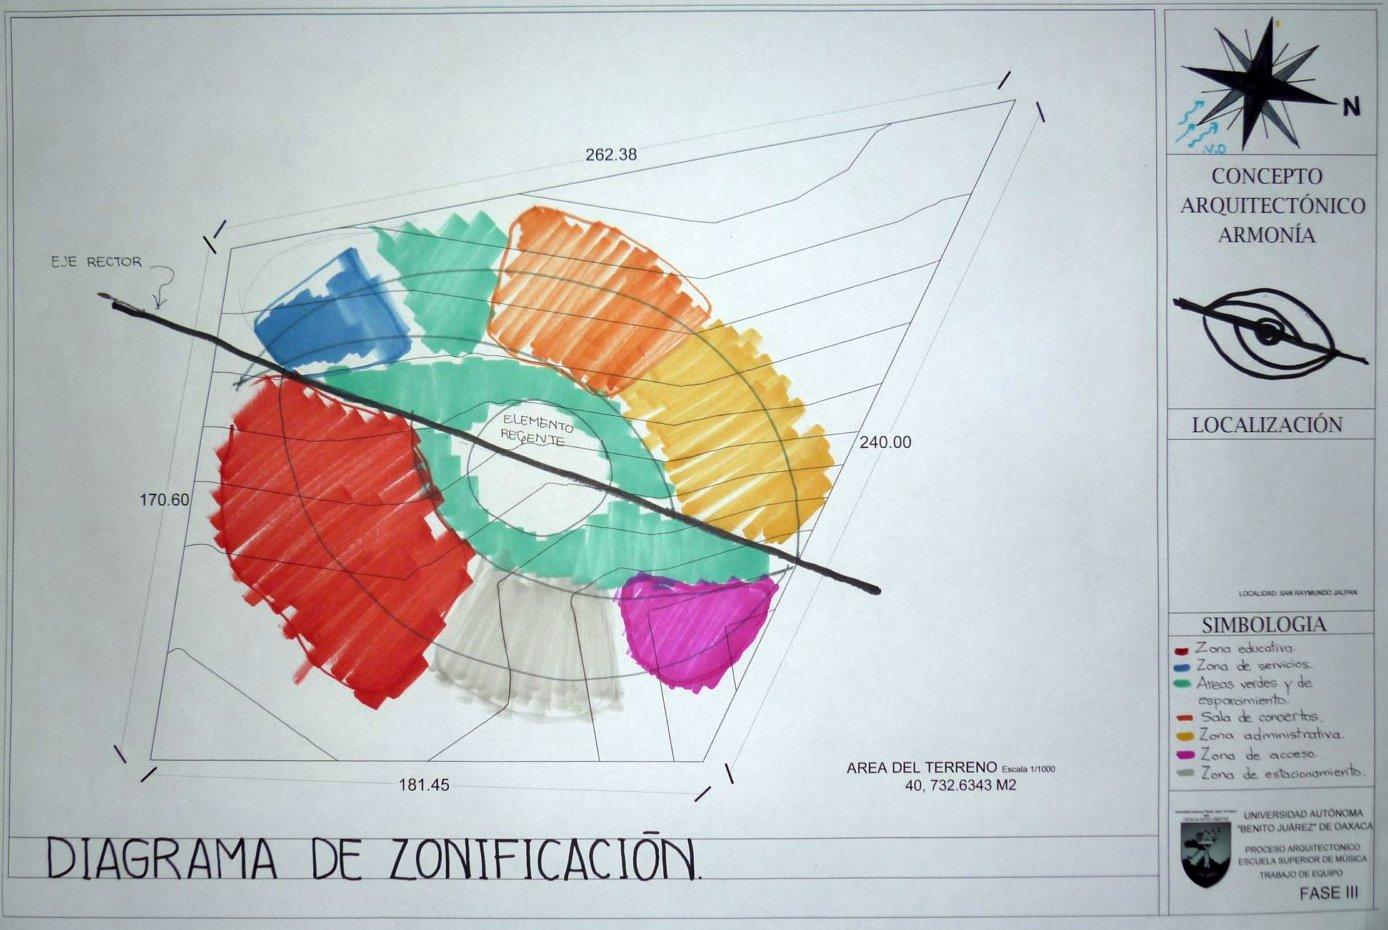 Fases de dise o fase 3 esquemas de dise o for Zonificacion arquitectonica